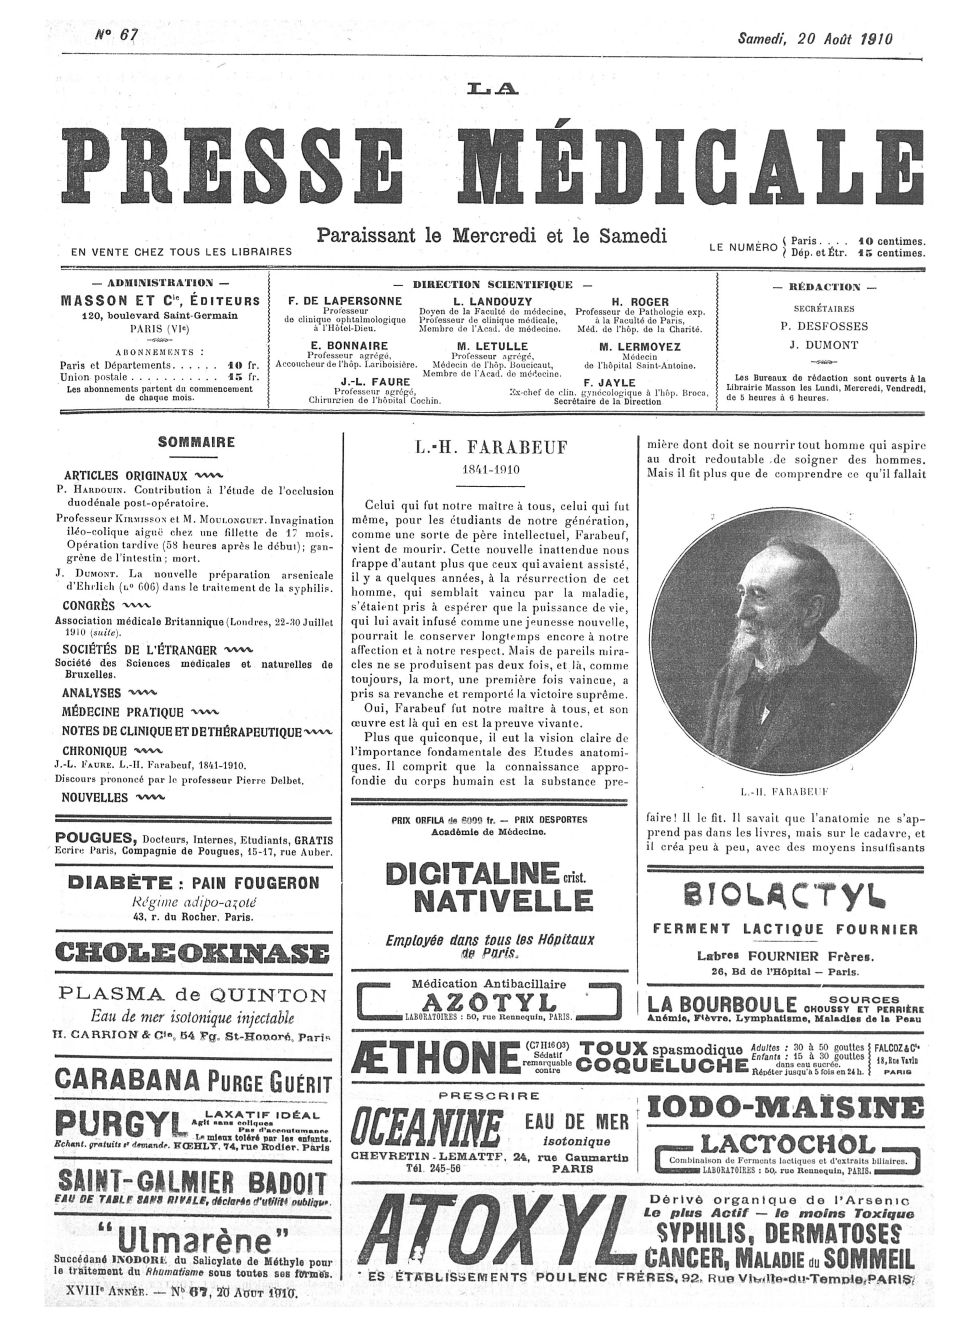 L.H. Farabeuf - La Presse médicale - [Volume d'annexes] -  - med100000x1910xannexesx0689